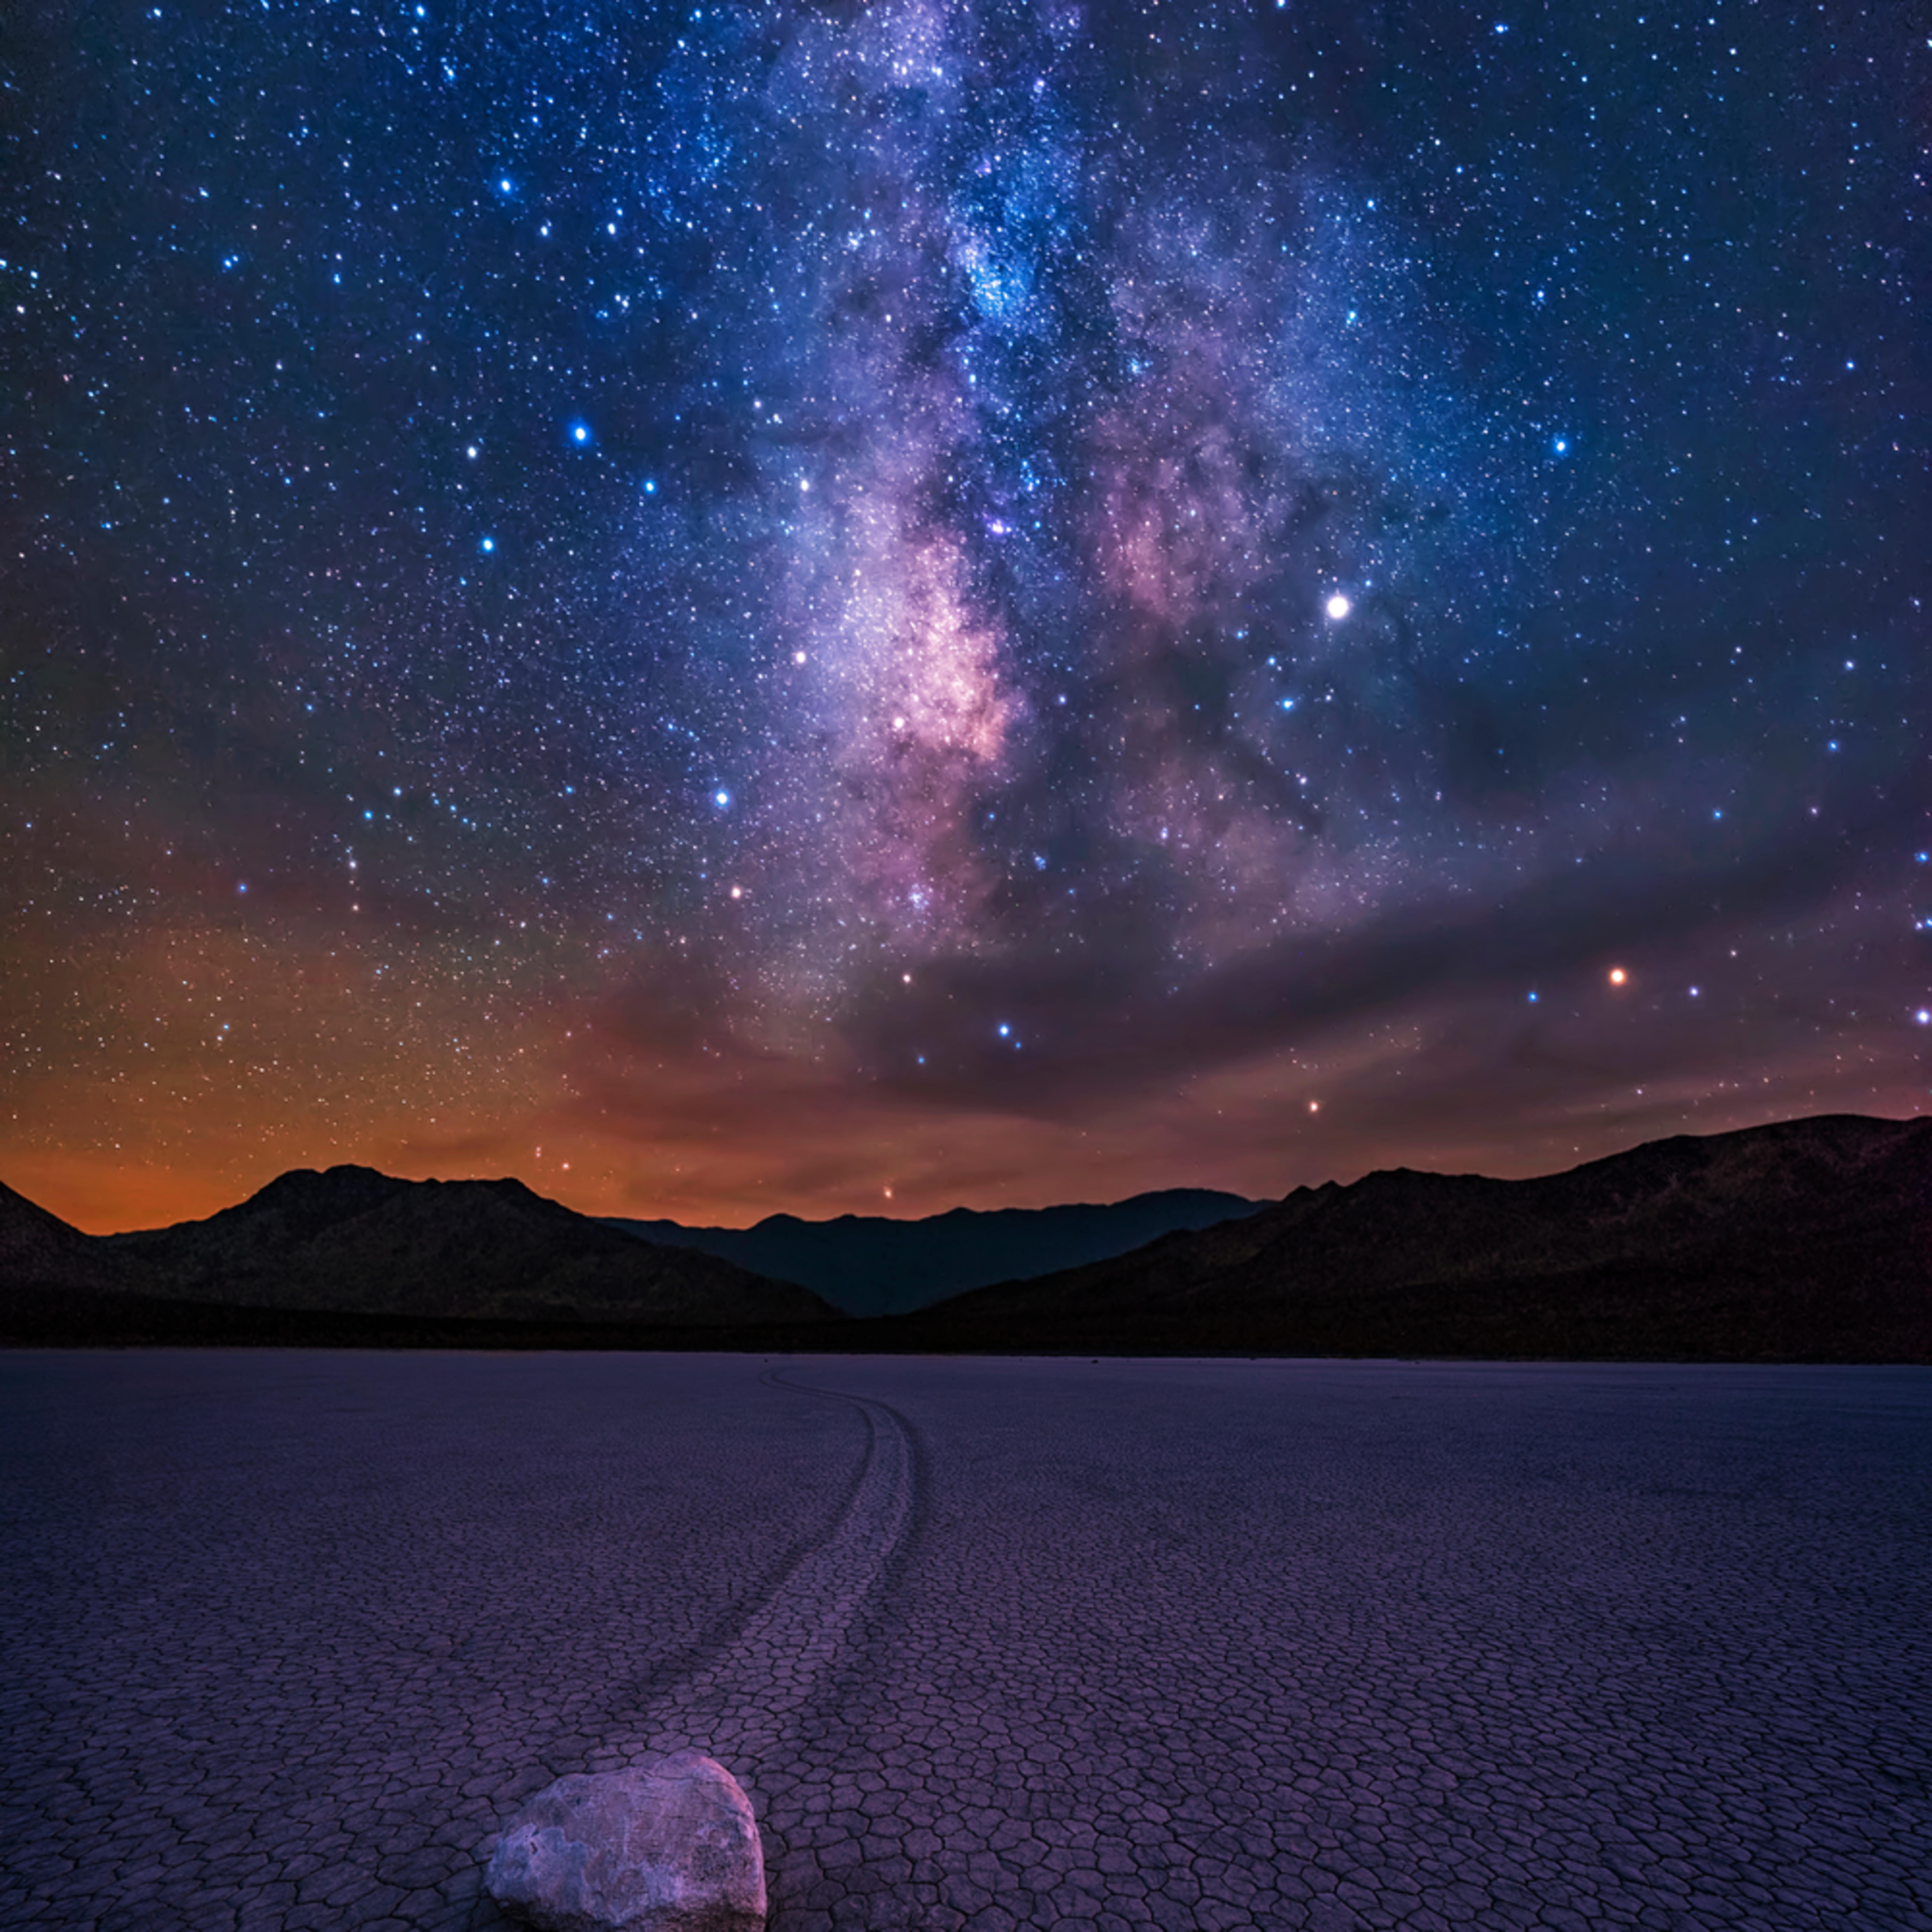 Cosmic mqhagi